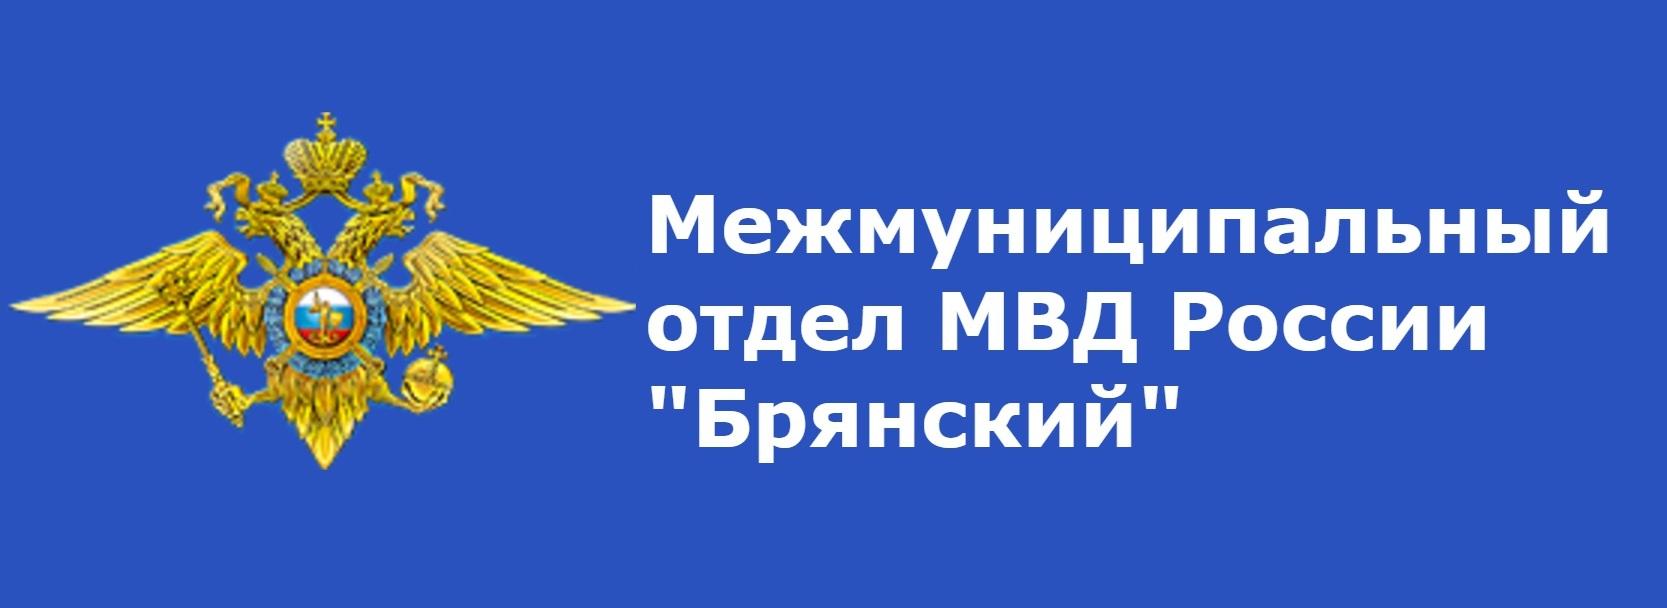 Межмуниципальный отдел МВД России «Брянский»